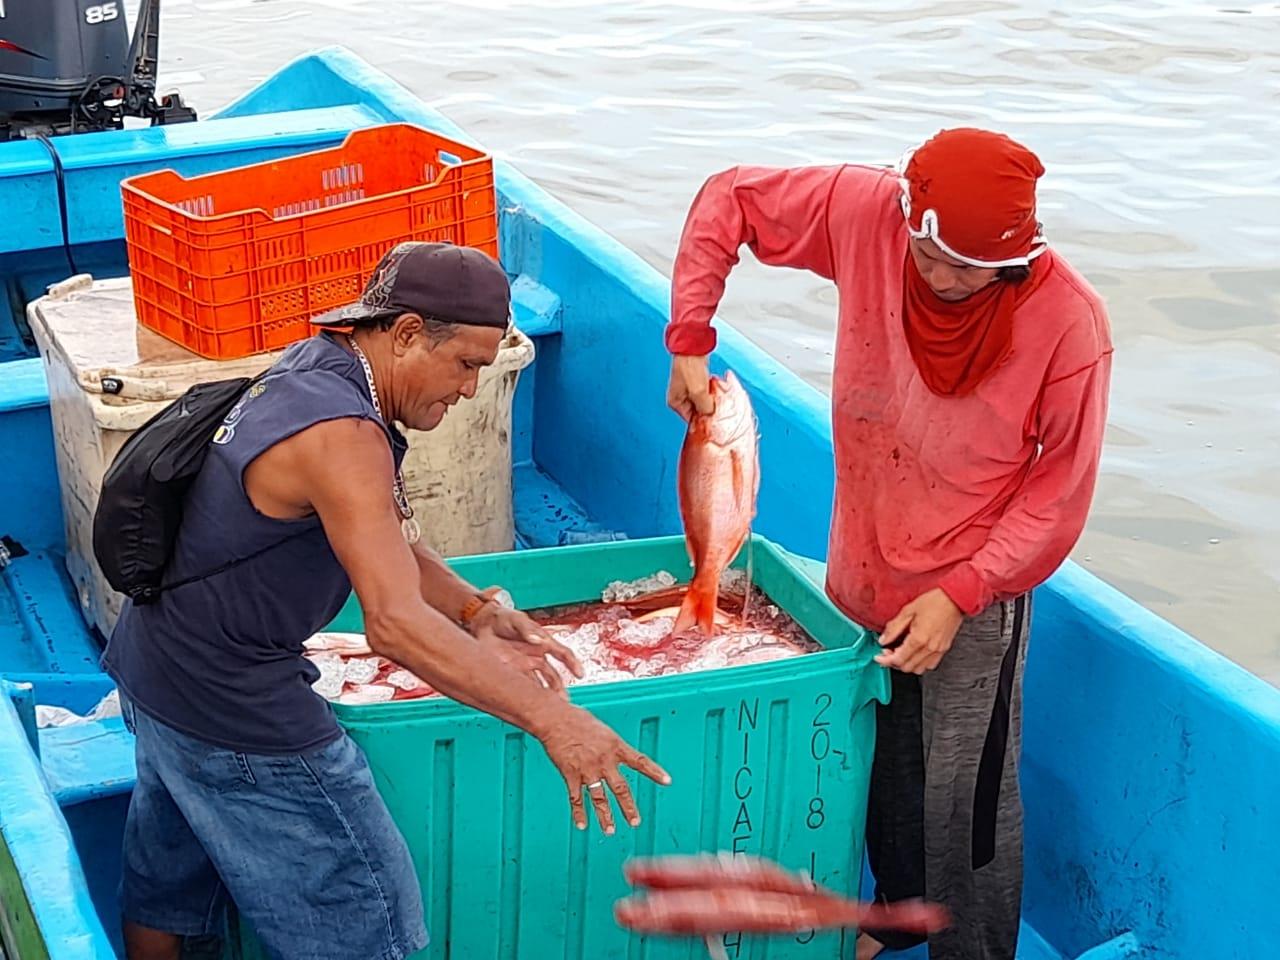 Activan venta de mariscos en Bilwi Managua. Por Danielka Ruíz/Radio La Primerísima